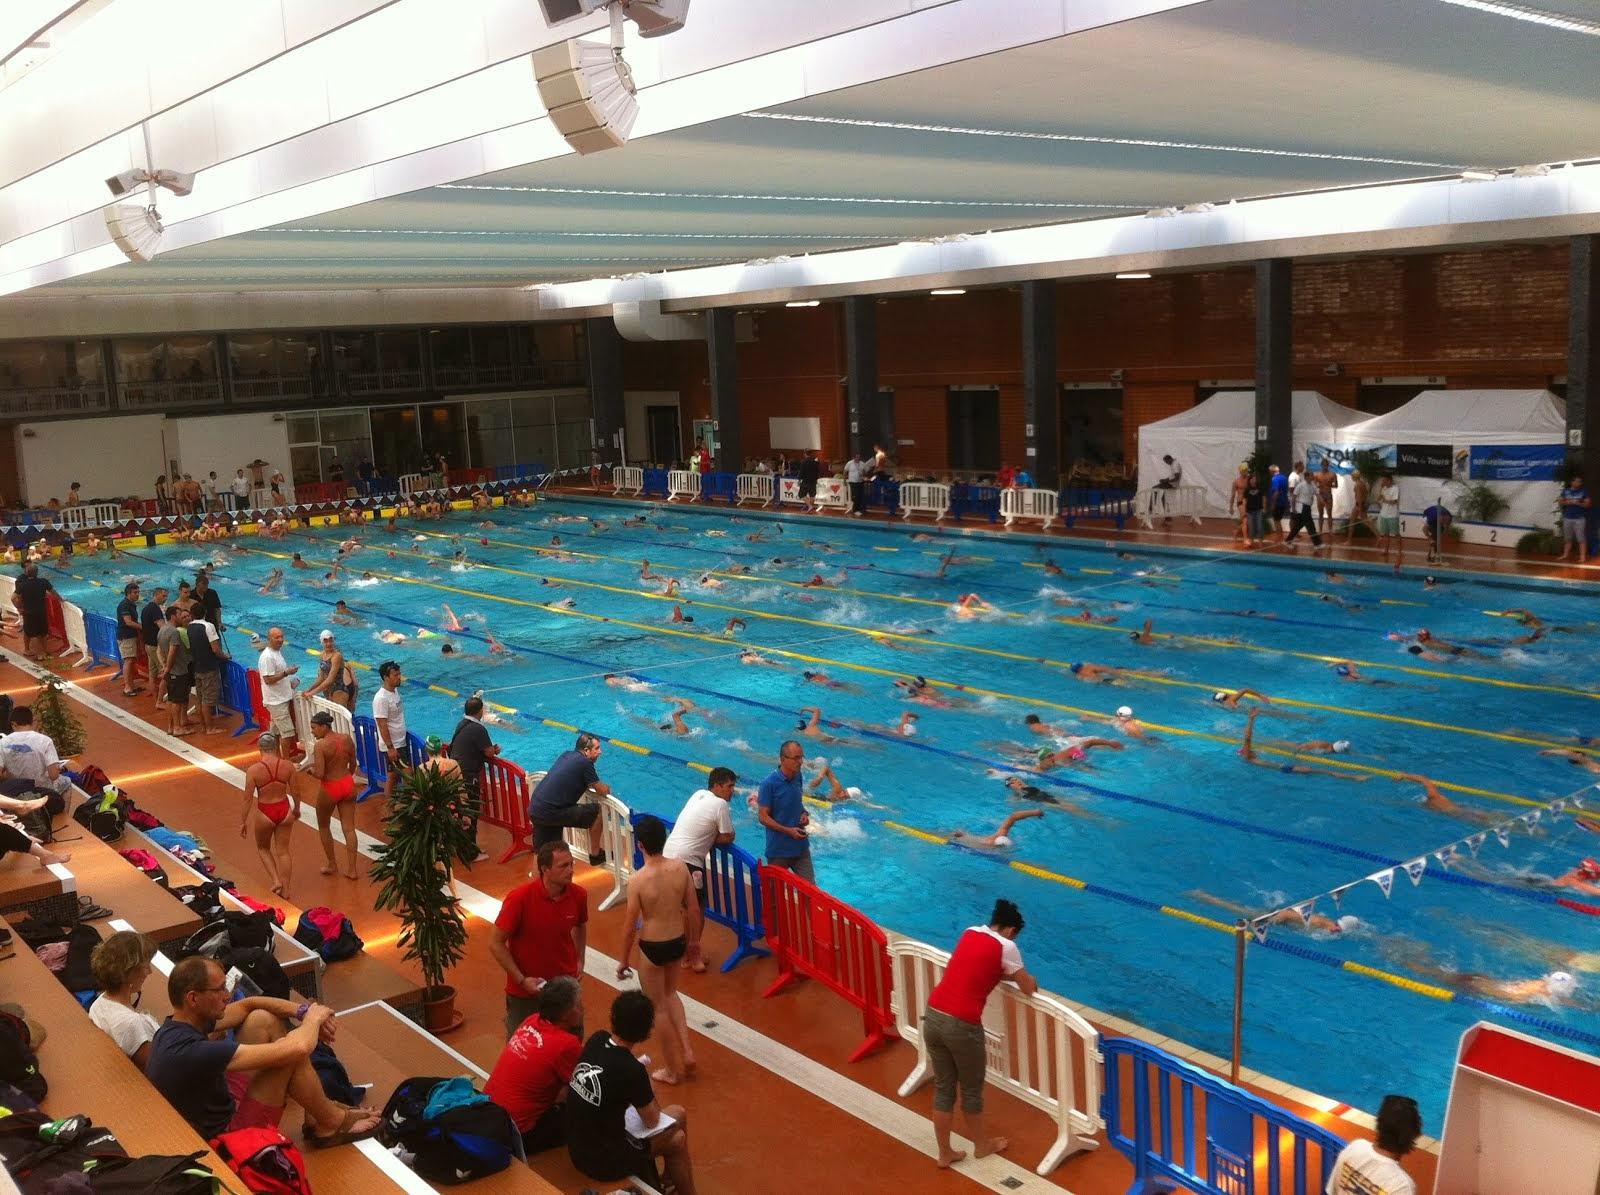 Les derni res nouvelles ecn club de natation ecn for Club de natation piscine parc olympique